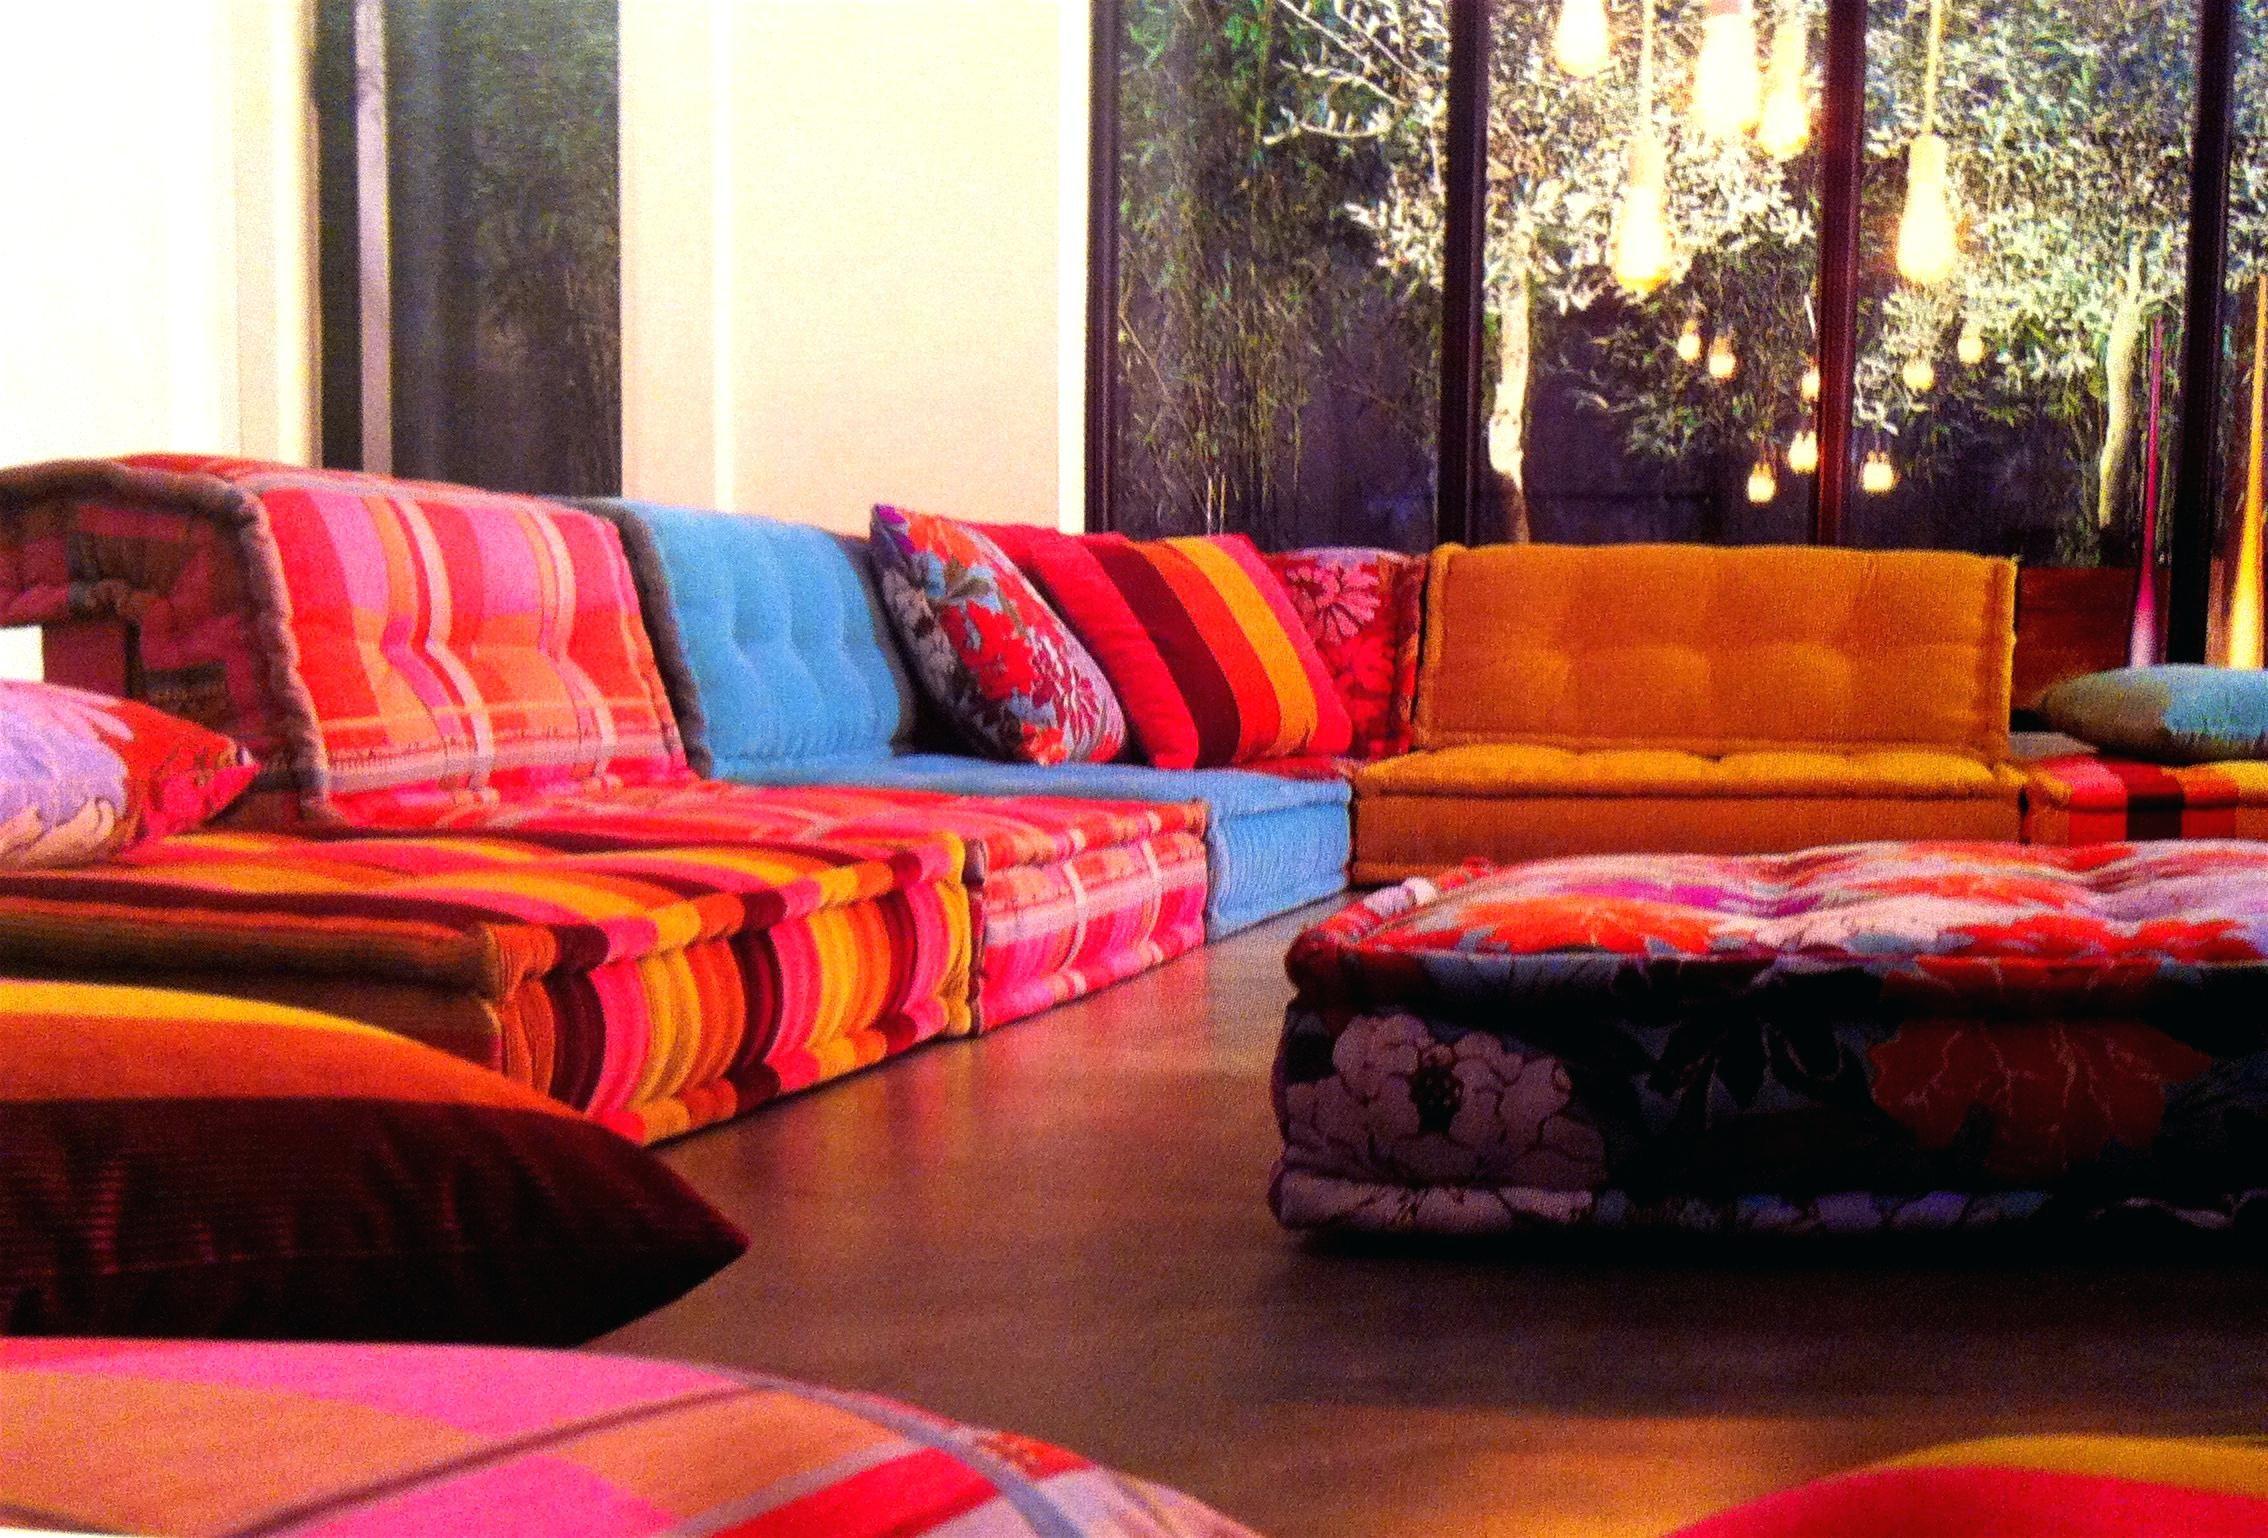 Billig Sectionals Unter 300 Niederflur Couch Stock Ecke Sofa Bequem Etage Sitzgelegenheiten Boden Sitzen Kissen Sofa Decor Furniture Couch Design